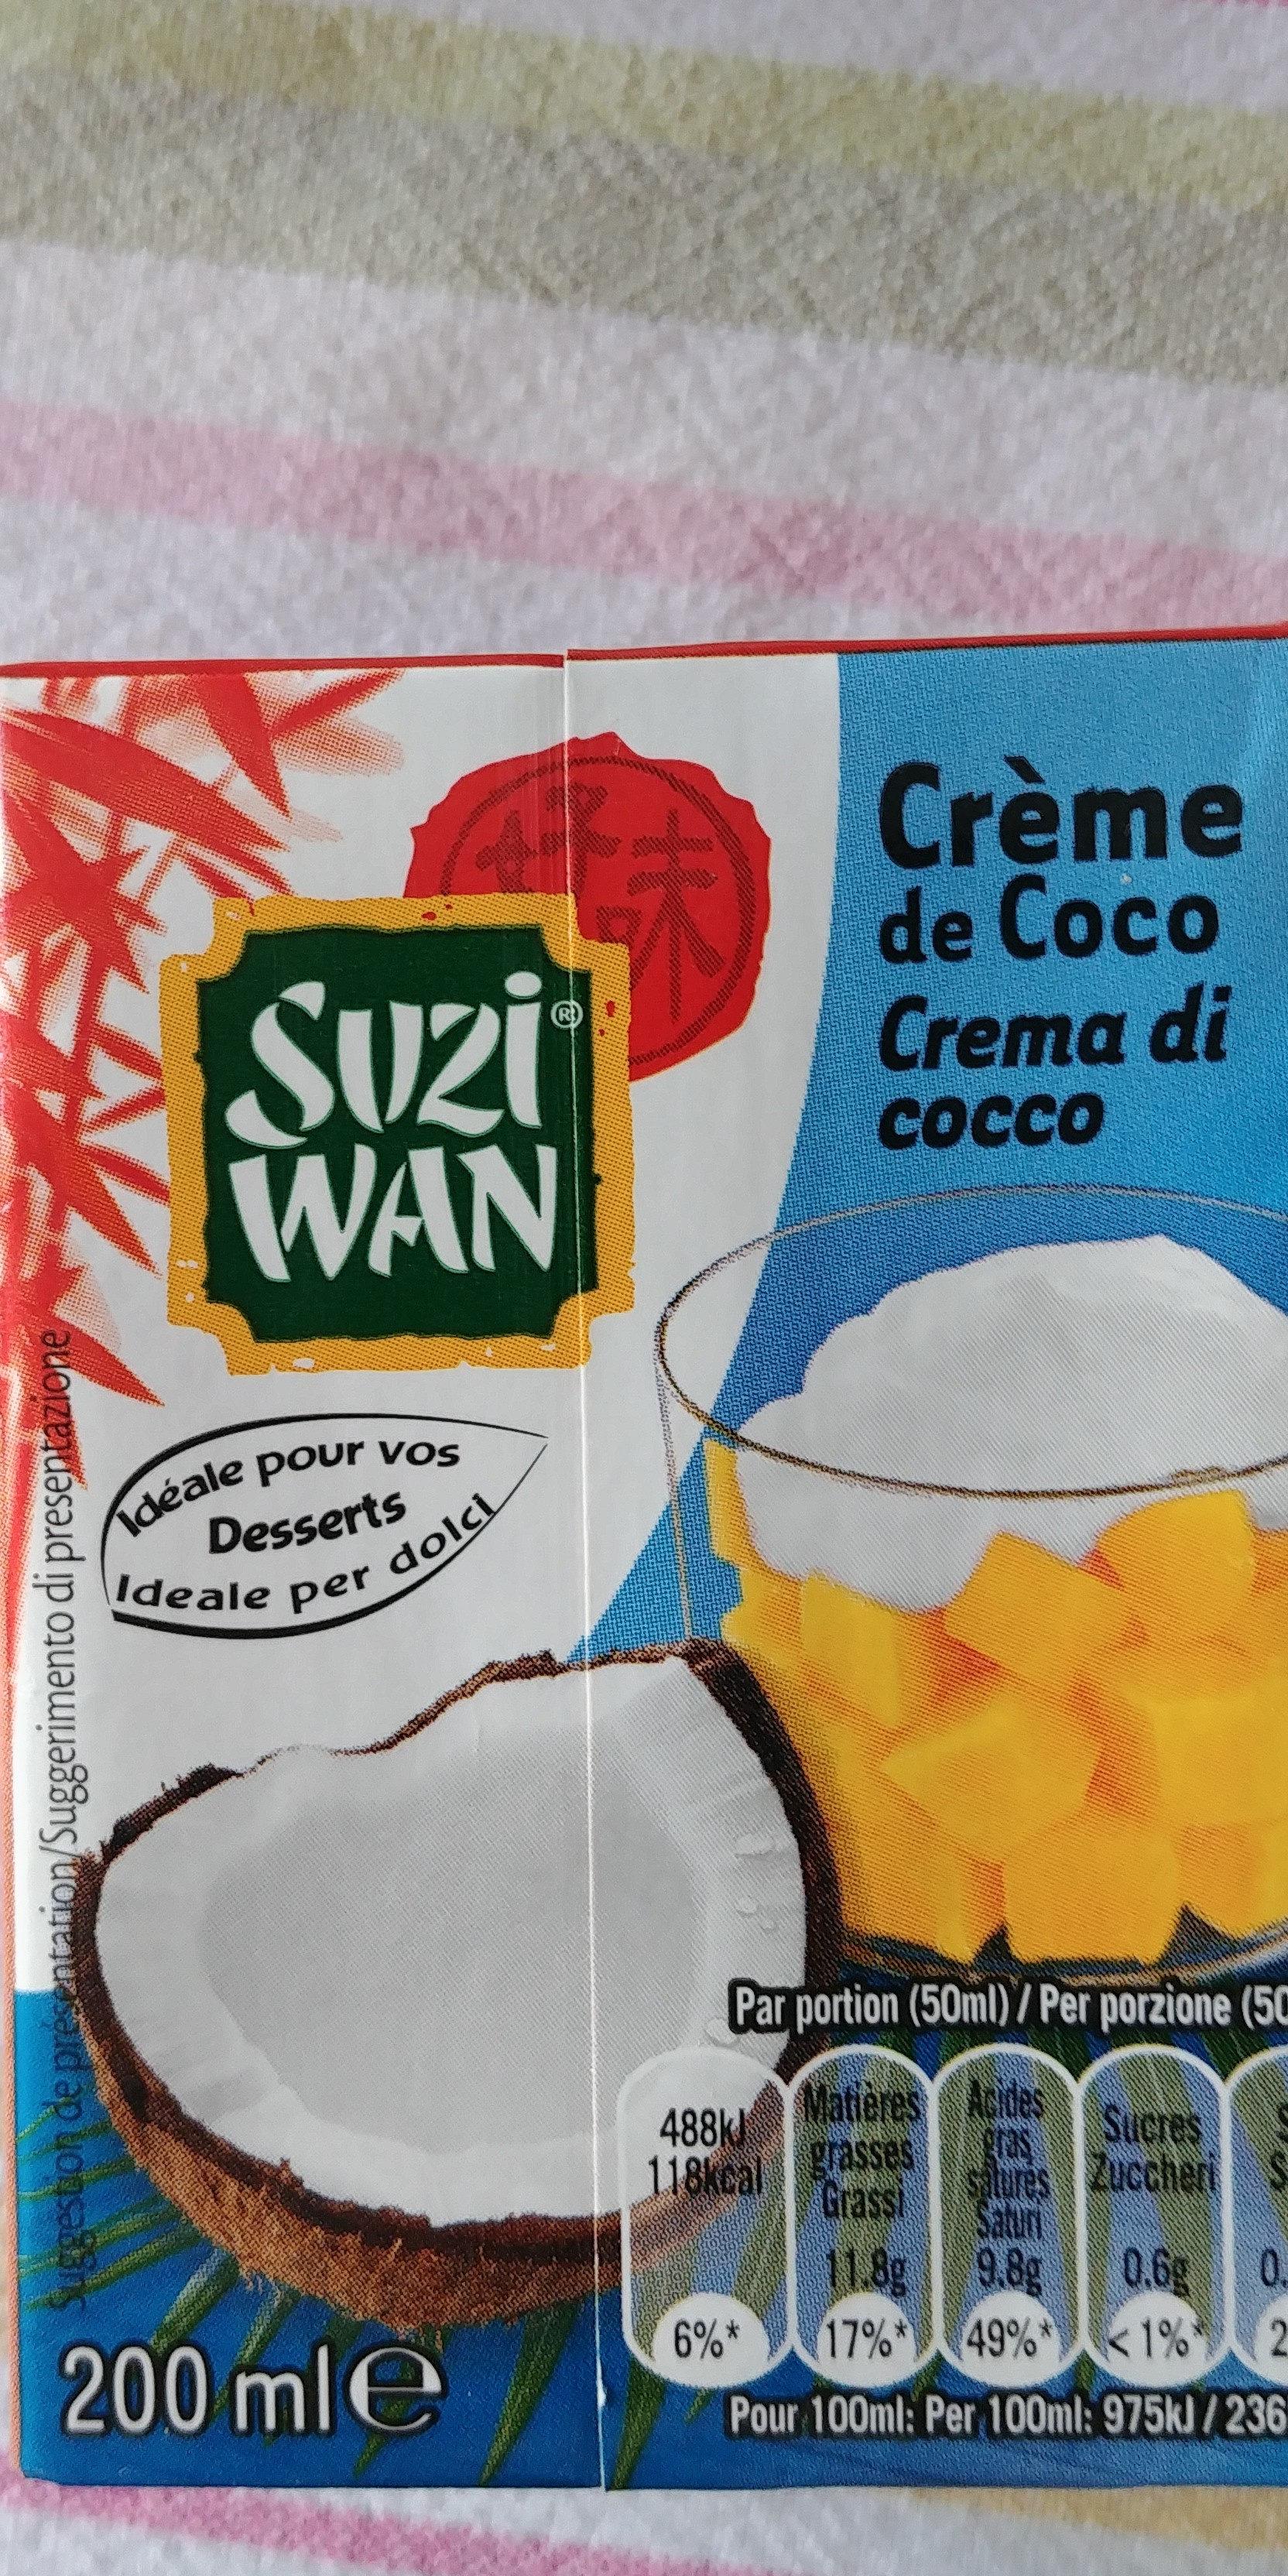 Crème de coco - Prodotto